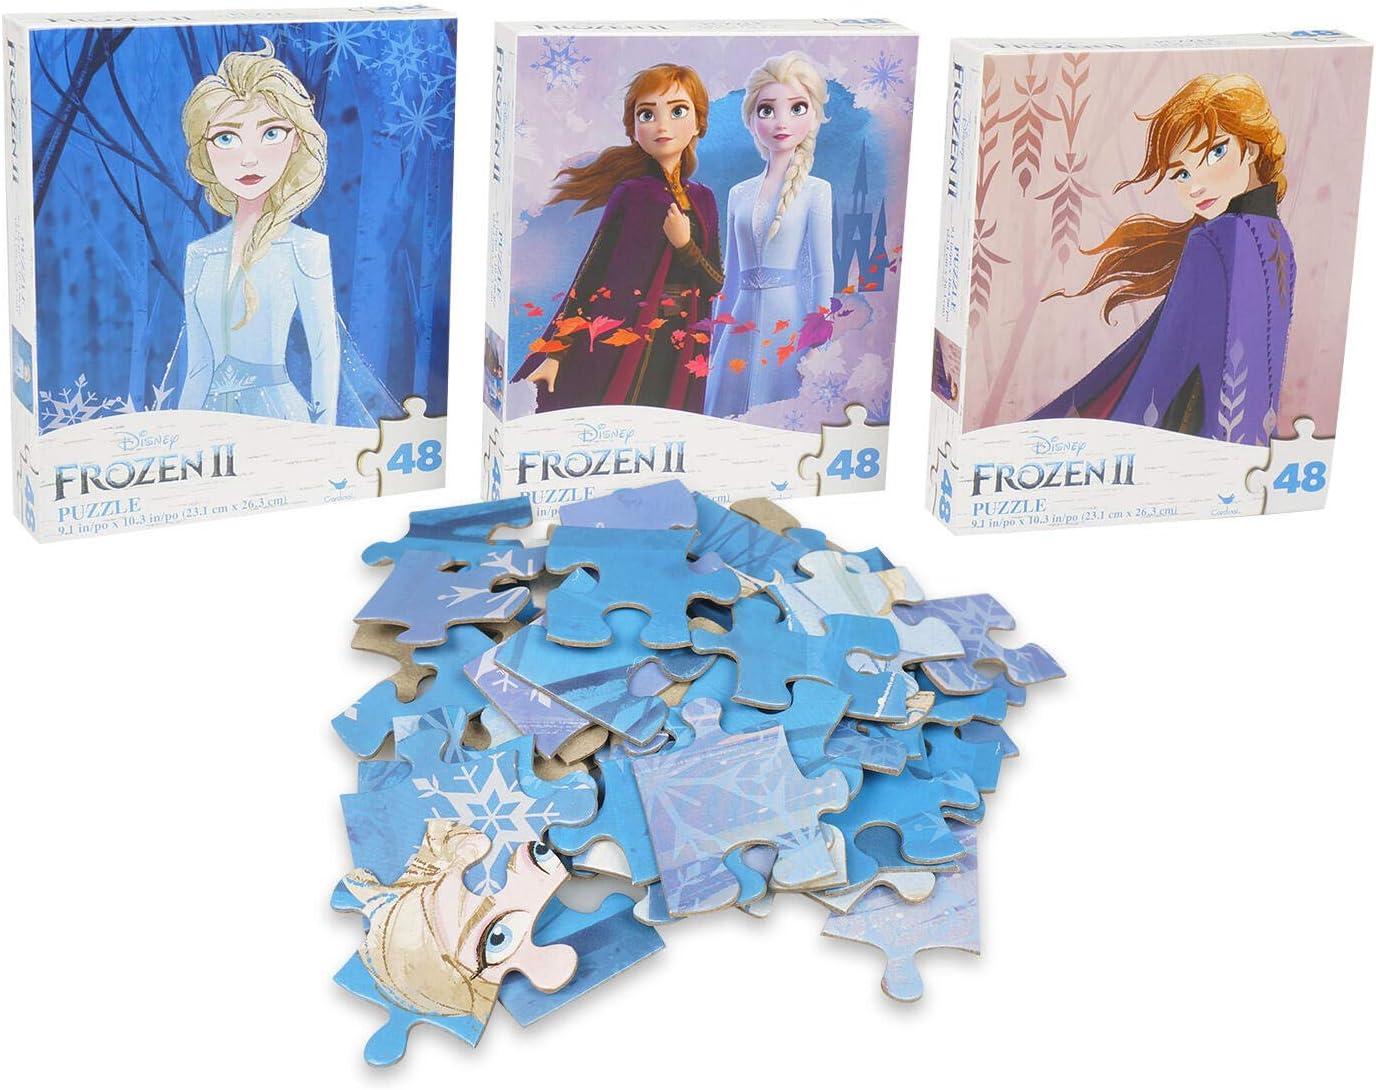 2 New Disney Princess 48 Piece Jigsaw Puzzles Set Kids Activity